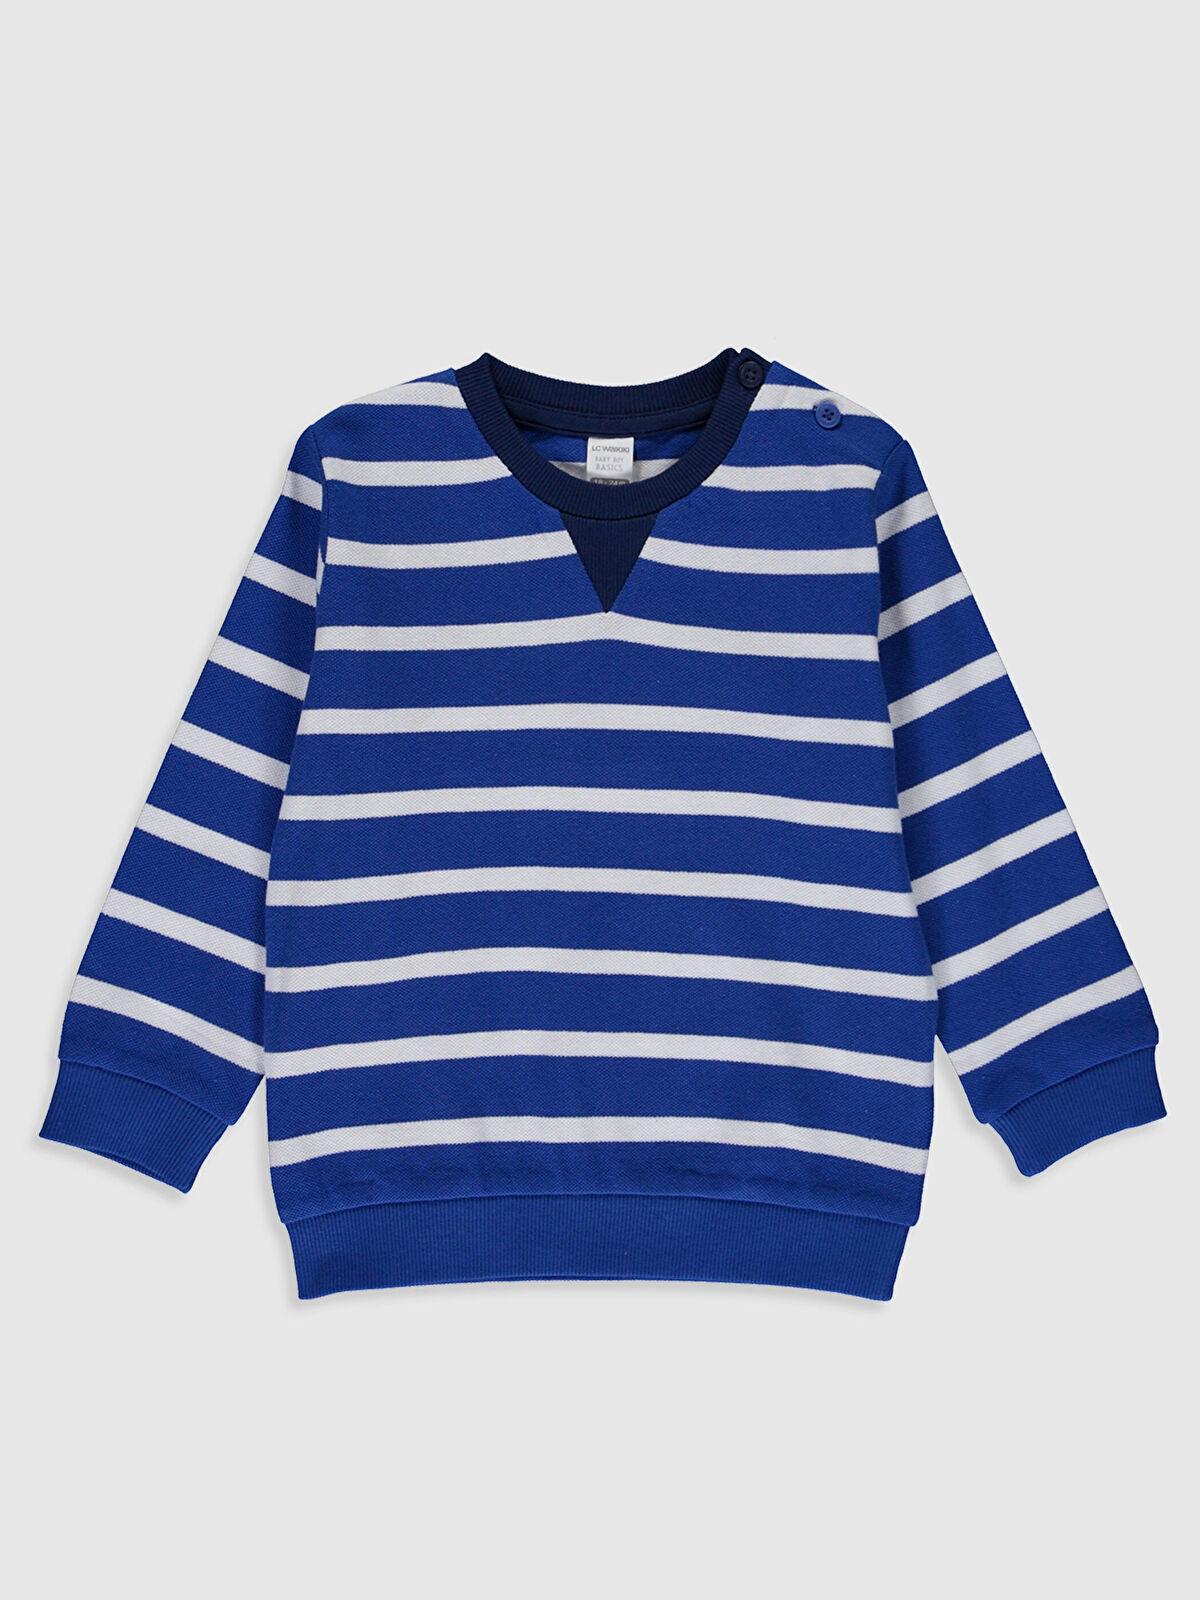 Erkek Bebek Çizgili Sweatshirt - LC WAIKIKI